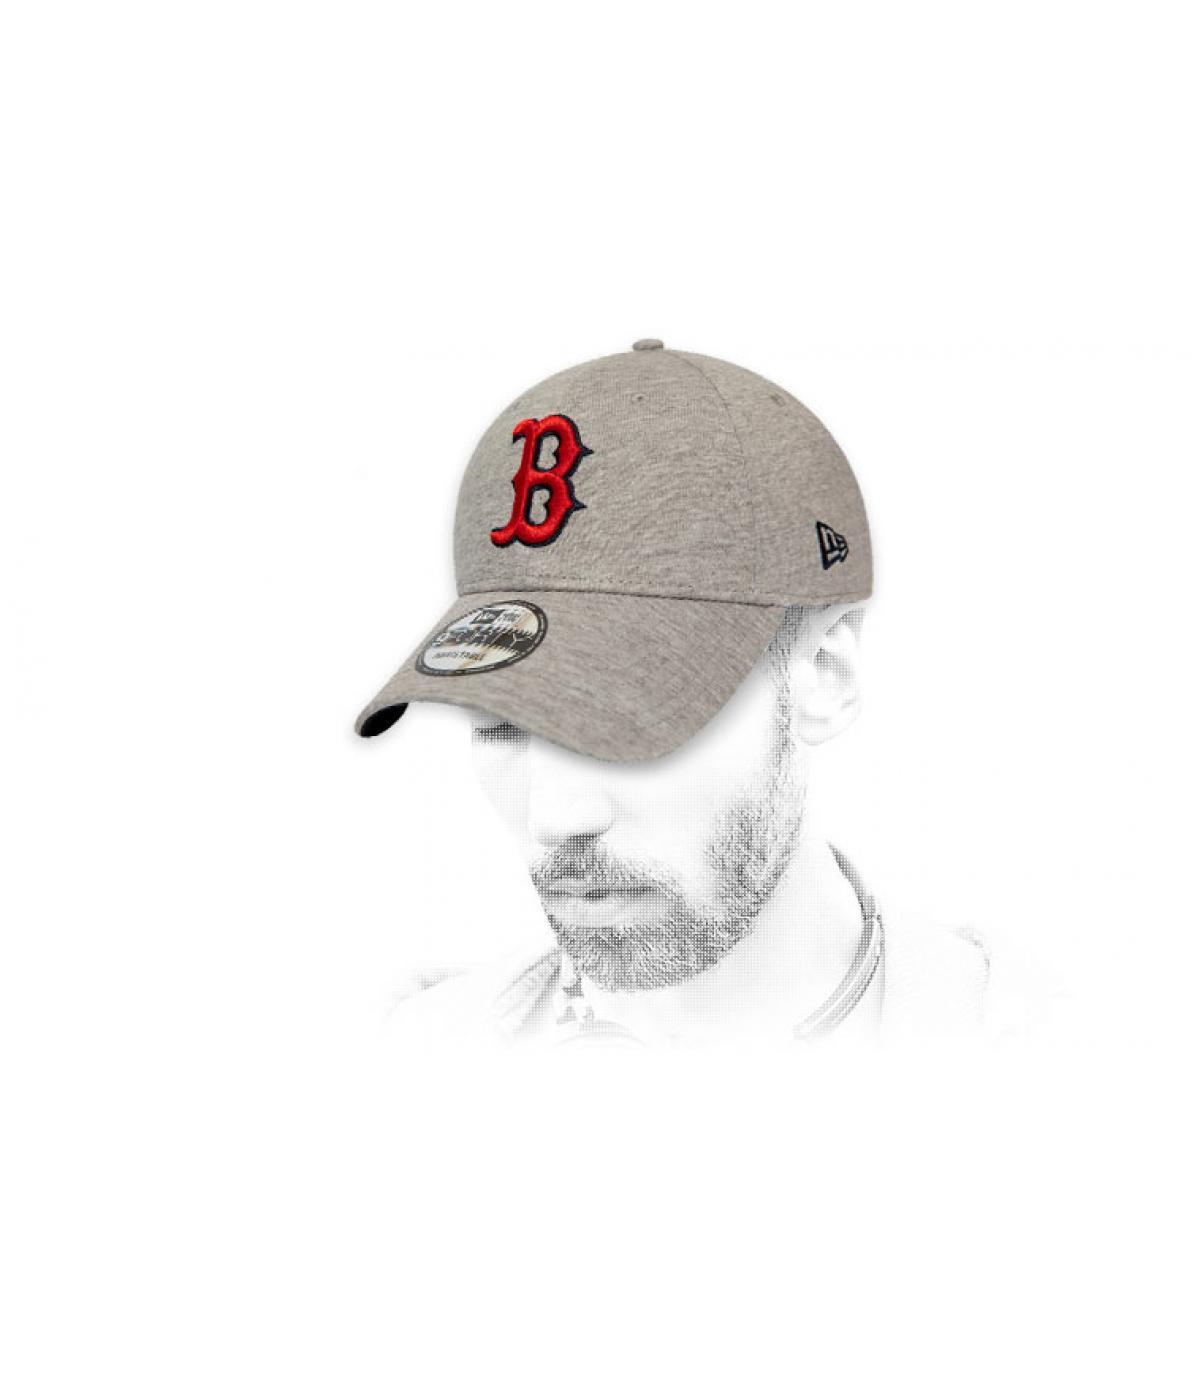 cappuccio grigio rosso B